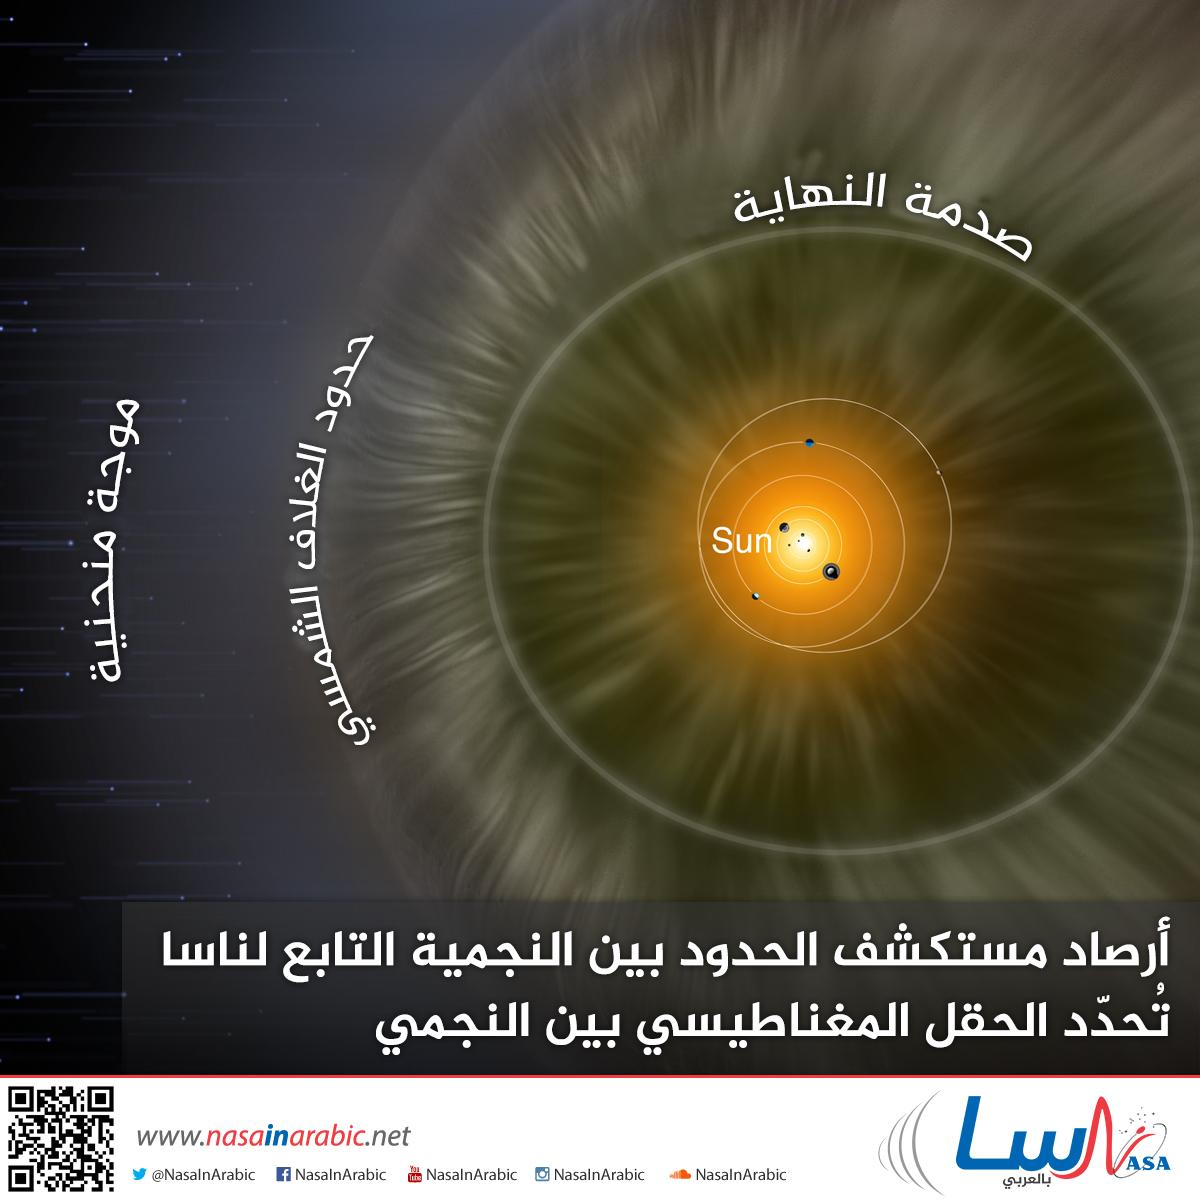 أرصاد مستكشف الحدود بين النجمية التابع لناسا تُحدّد الحقل المغناطيسي بين النجمي